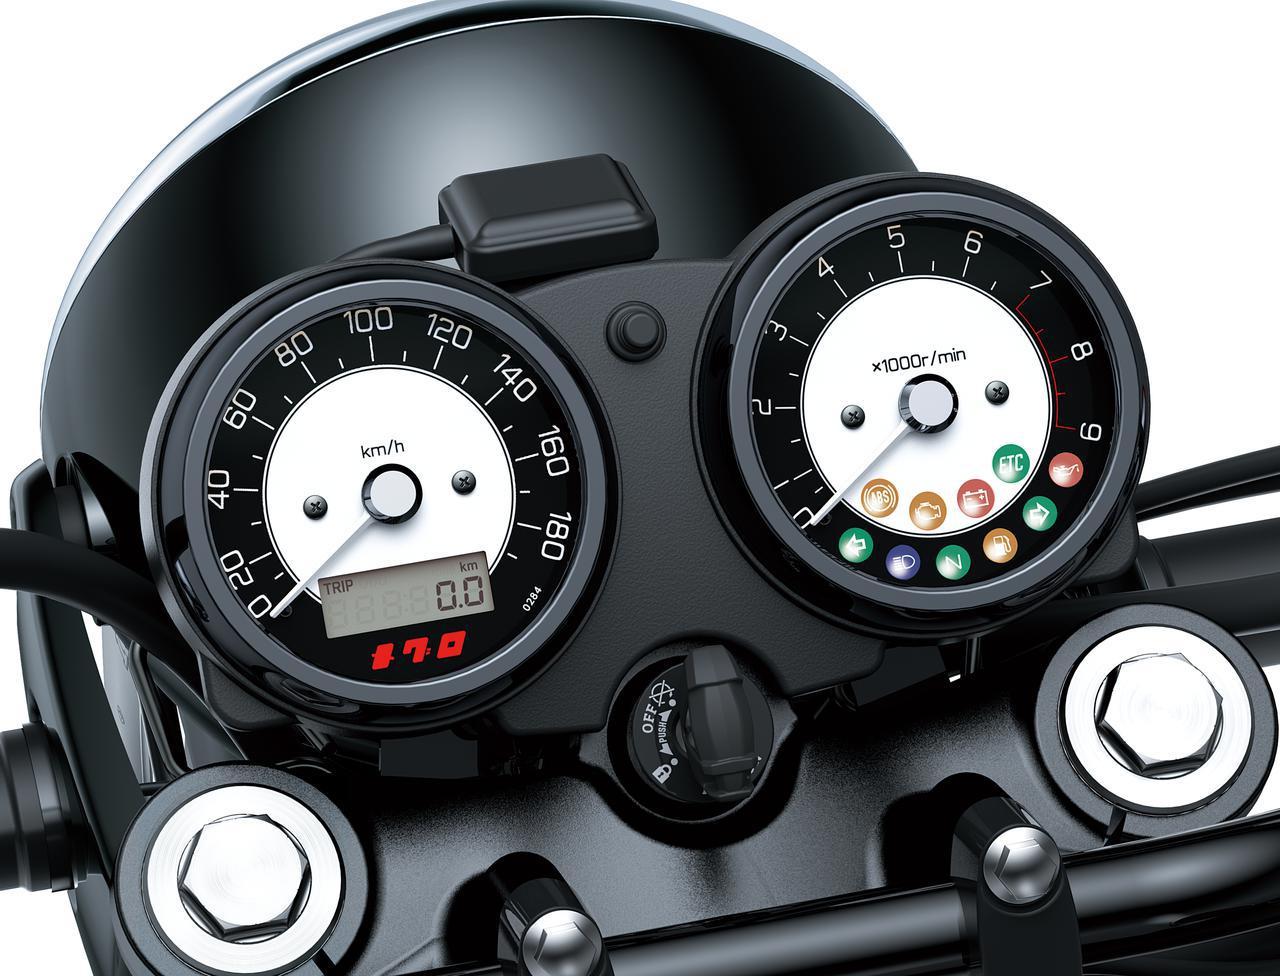 画像3: カワサキが「メグロK3」の2022年モデルを発表|最新の排ガス規制に適合させ現役続行! 令和の時代を走る空冷2気筒大型バイク